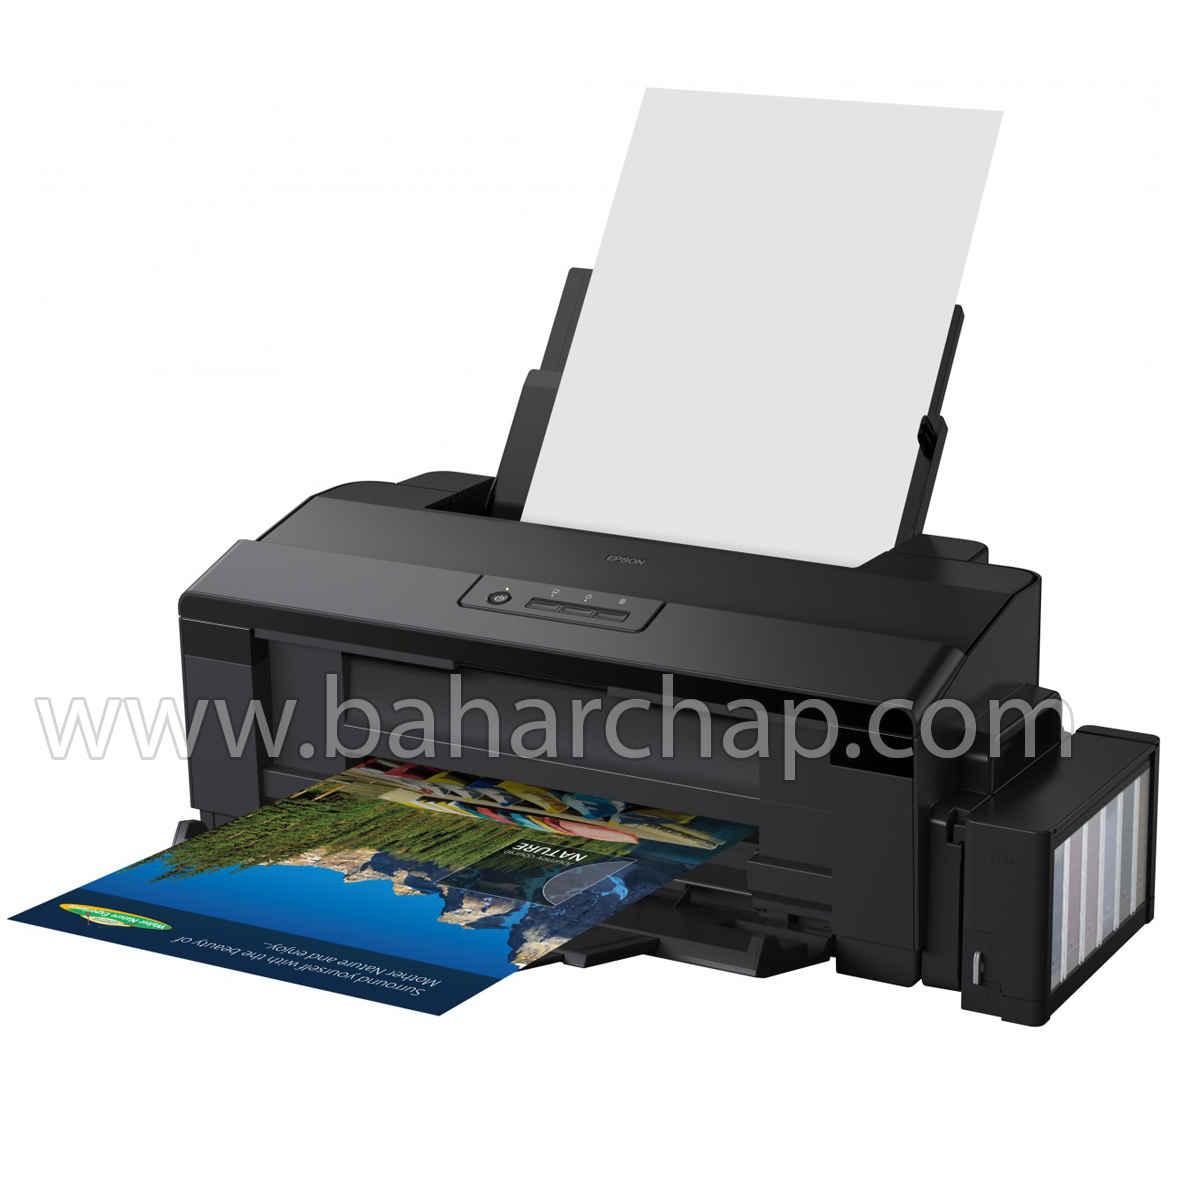 فروشگاه و خدمات اینترنتی بهارچاپ اصفهان-دفترچه تعمیرا تخصصی اپسون L1800-Repair Manual Epson L1800